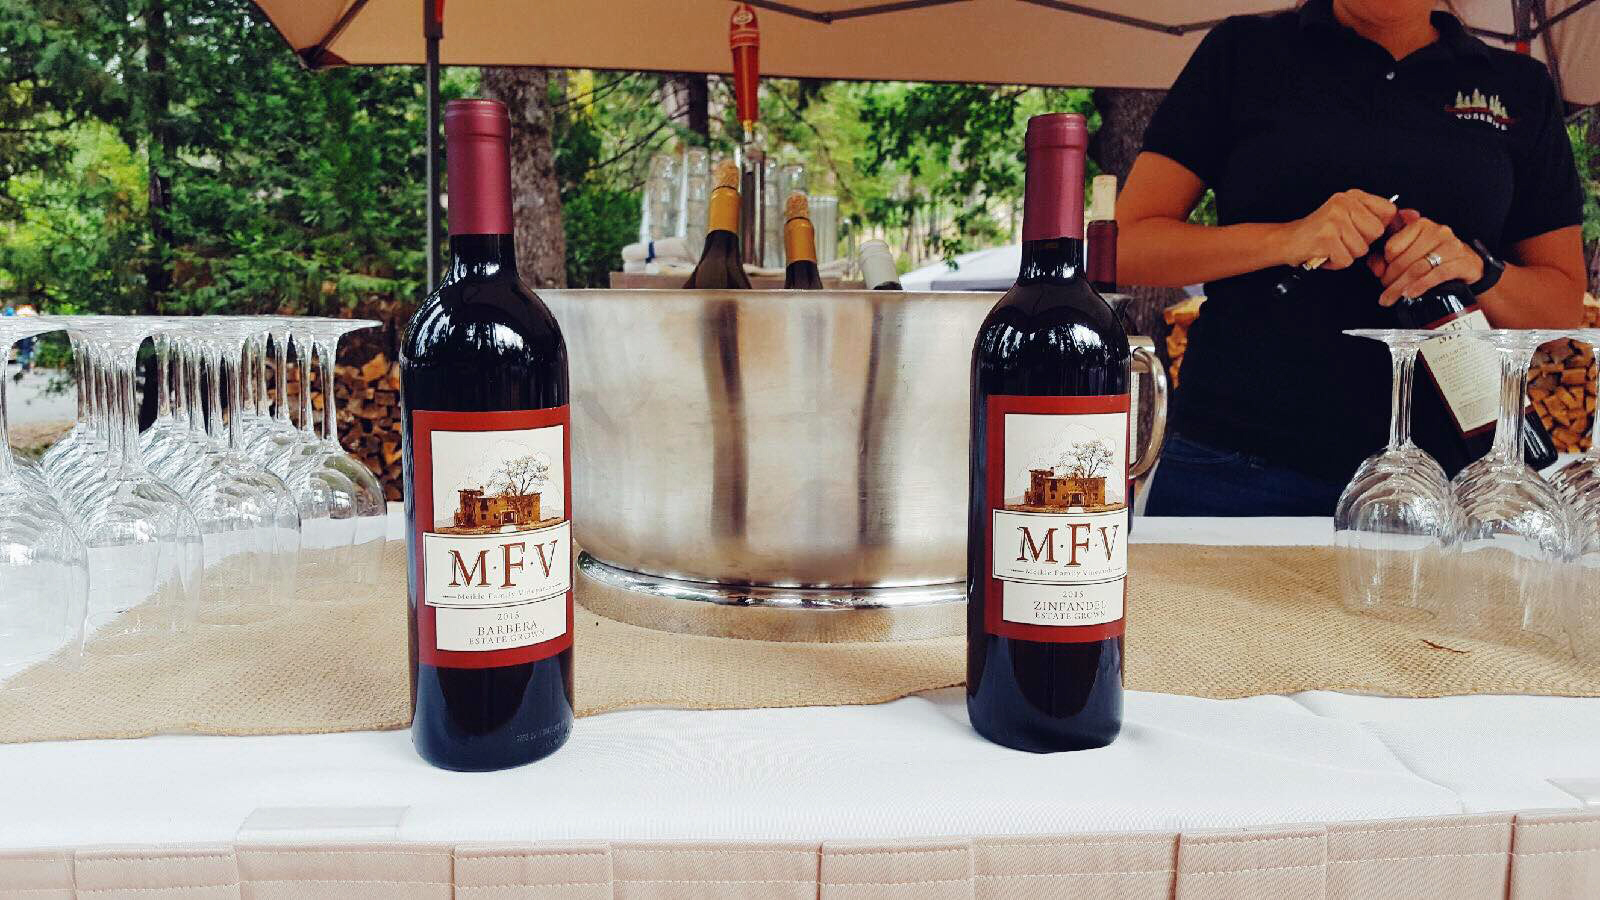 MFV Wine